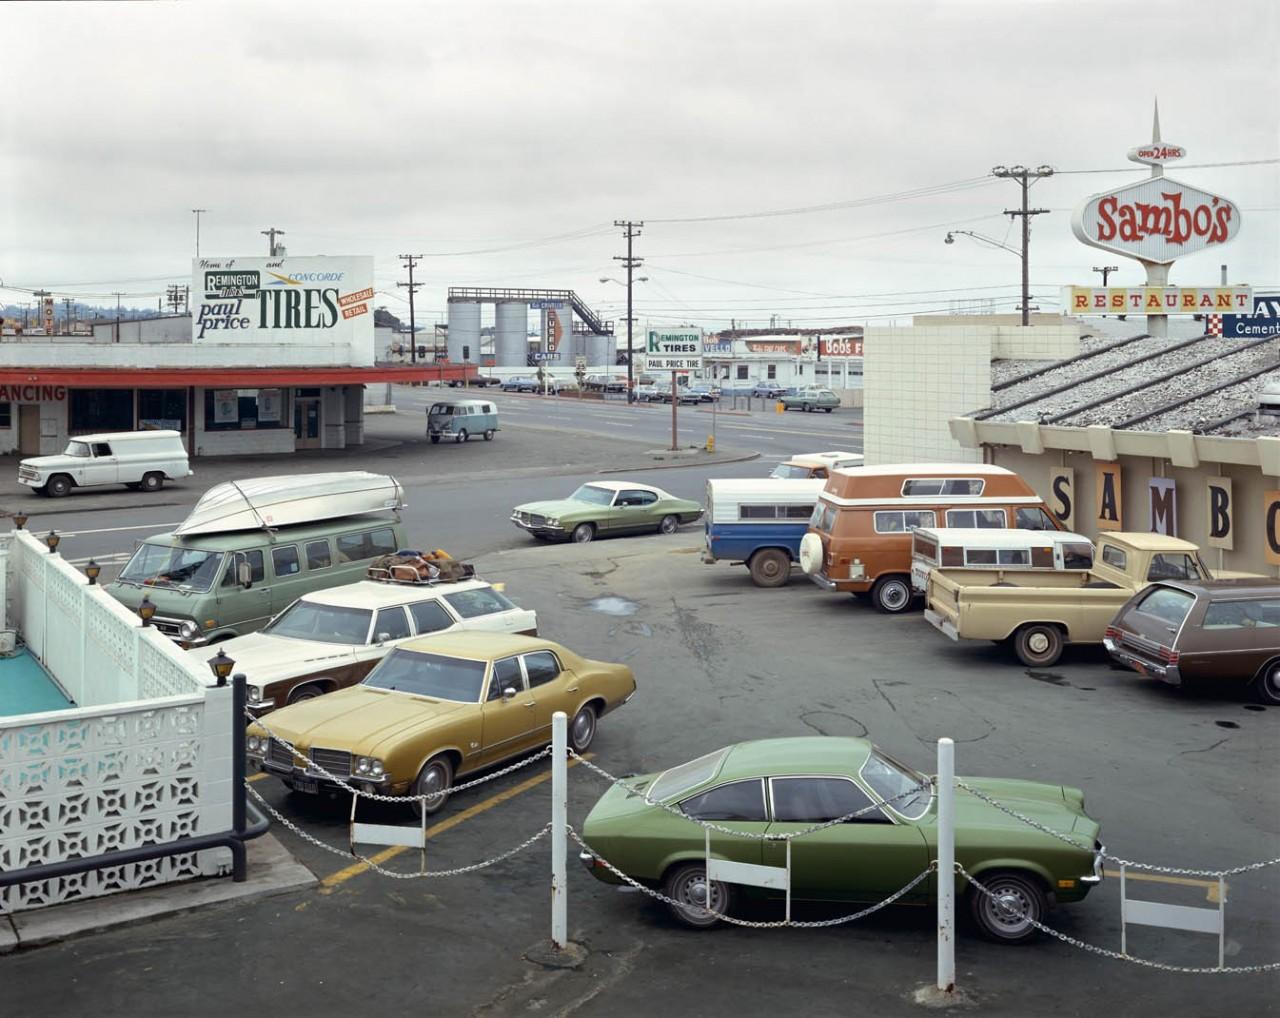 Америка в 1970-е на снимках Стивена Шора